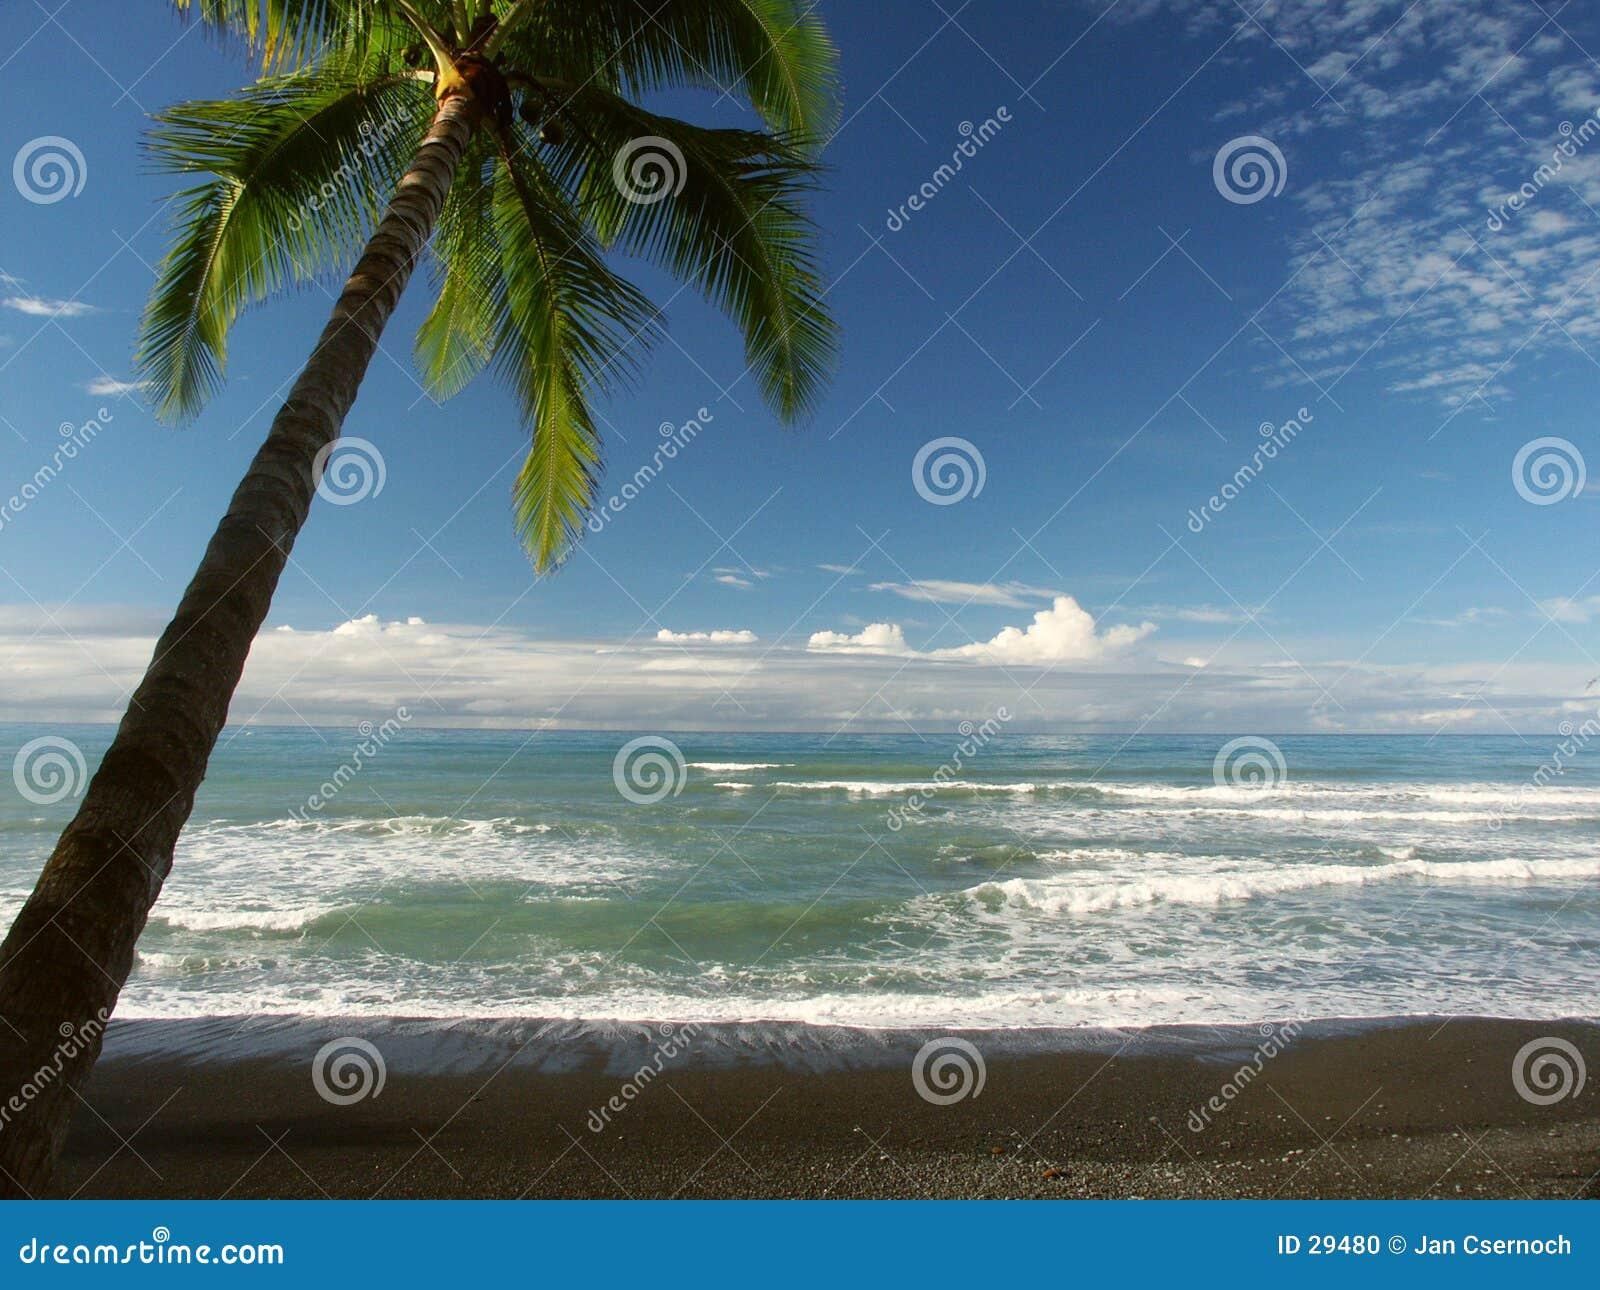 Seaview com palmtree